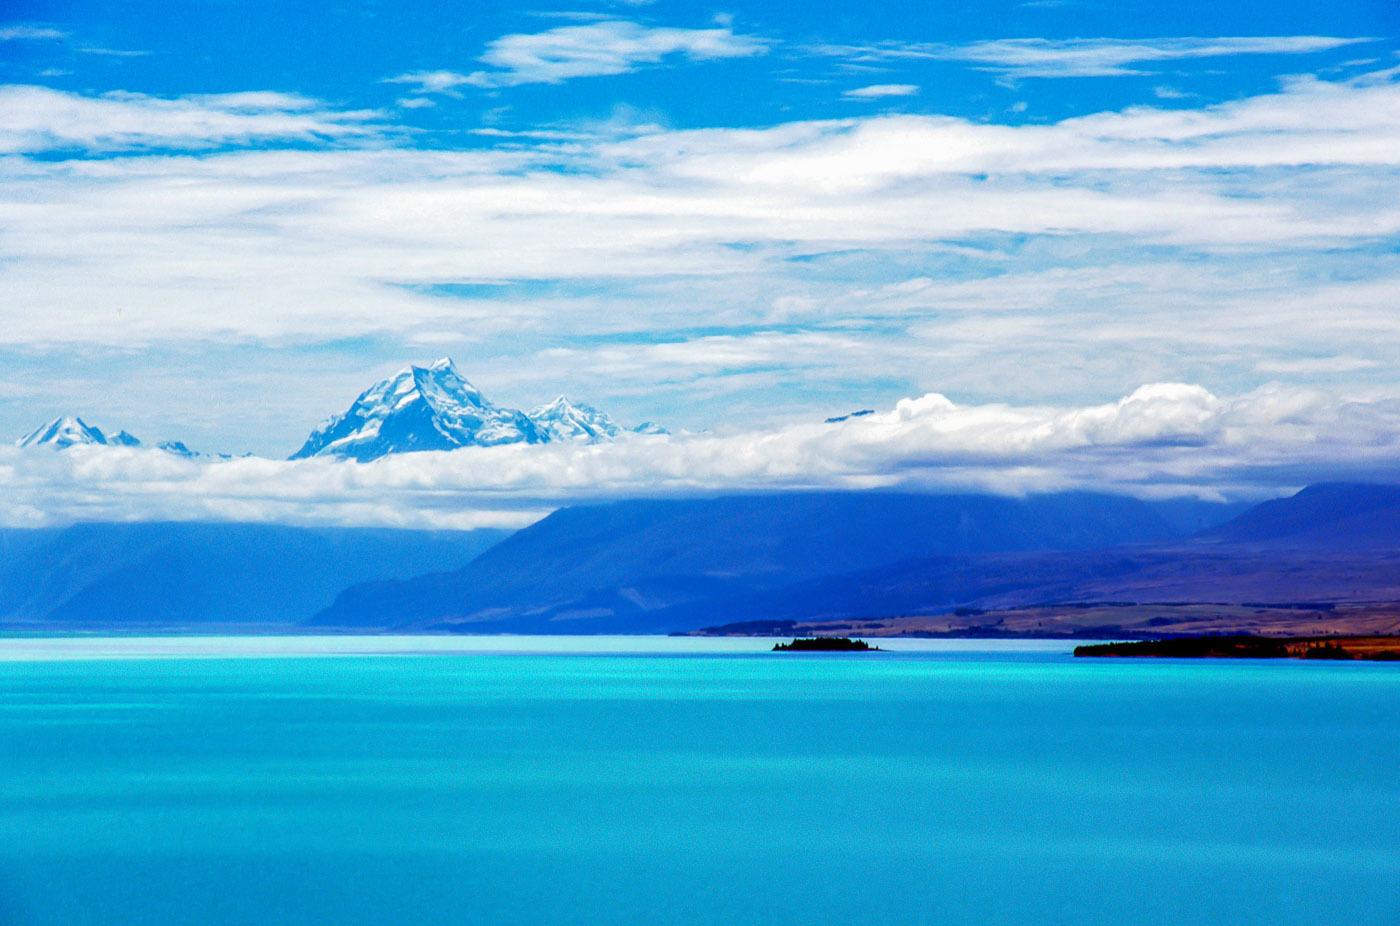 ニュージーランドをバイクで旅する・・・(3)_e0110874_22534630.jpg